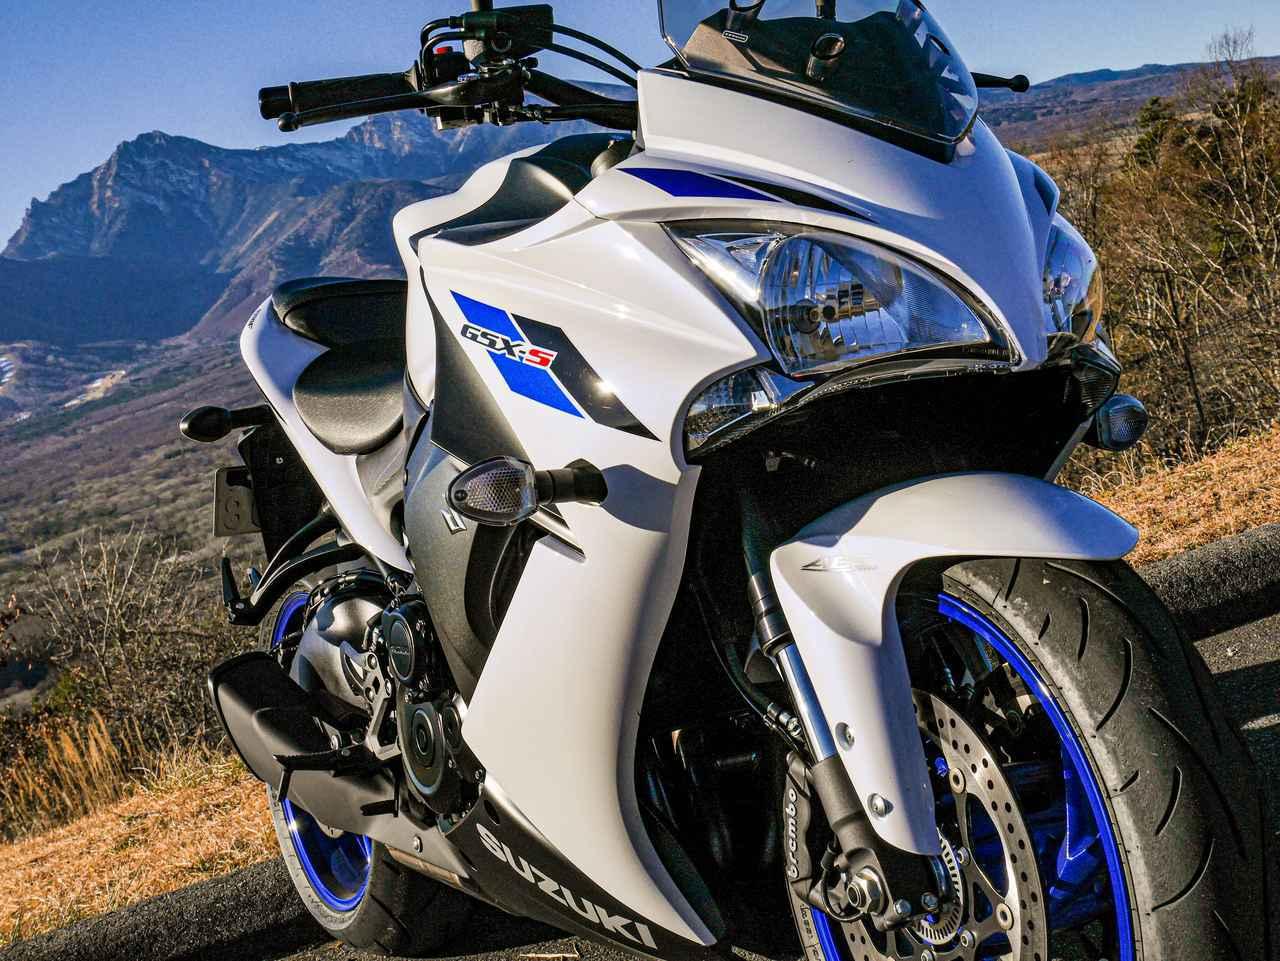 画像: 【カンタン5分】車載工具だけでスズキ『GSX-S1000F』が快適バイクにっ!? - スズキのバイク!